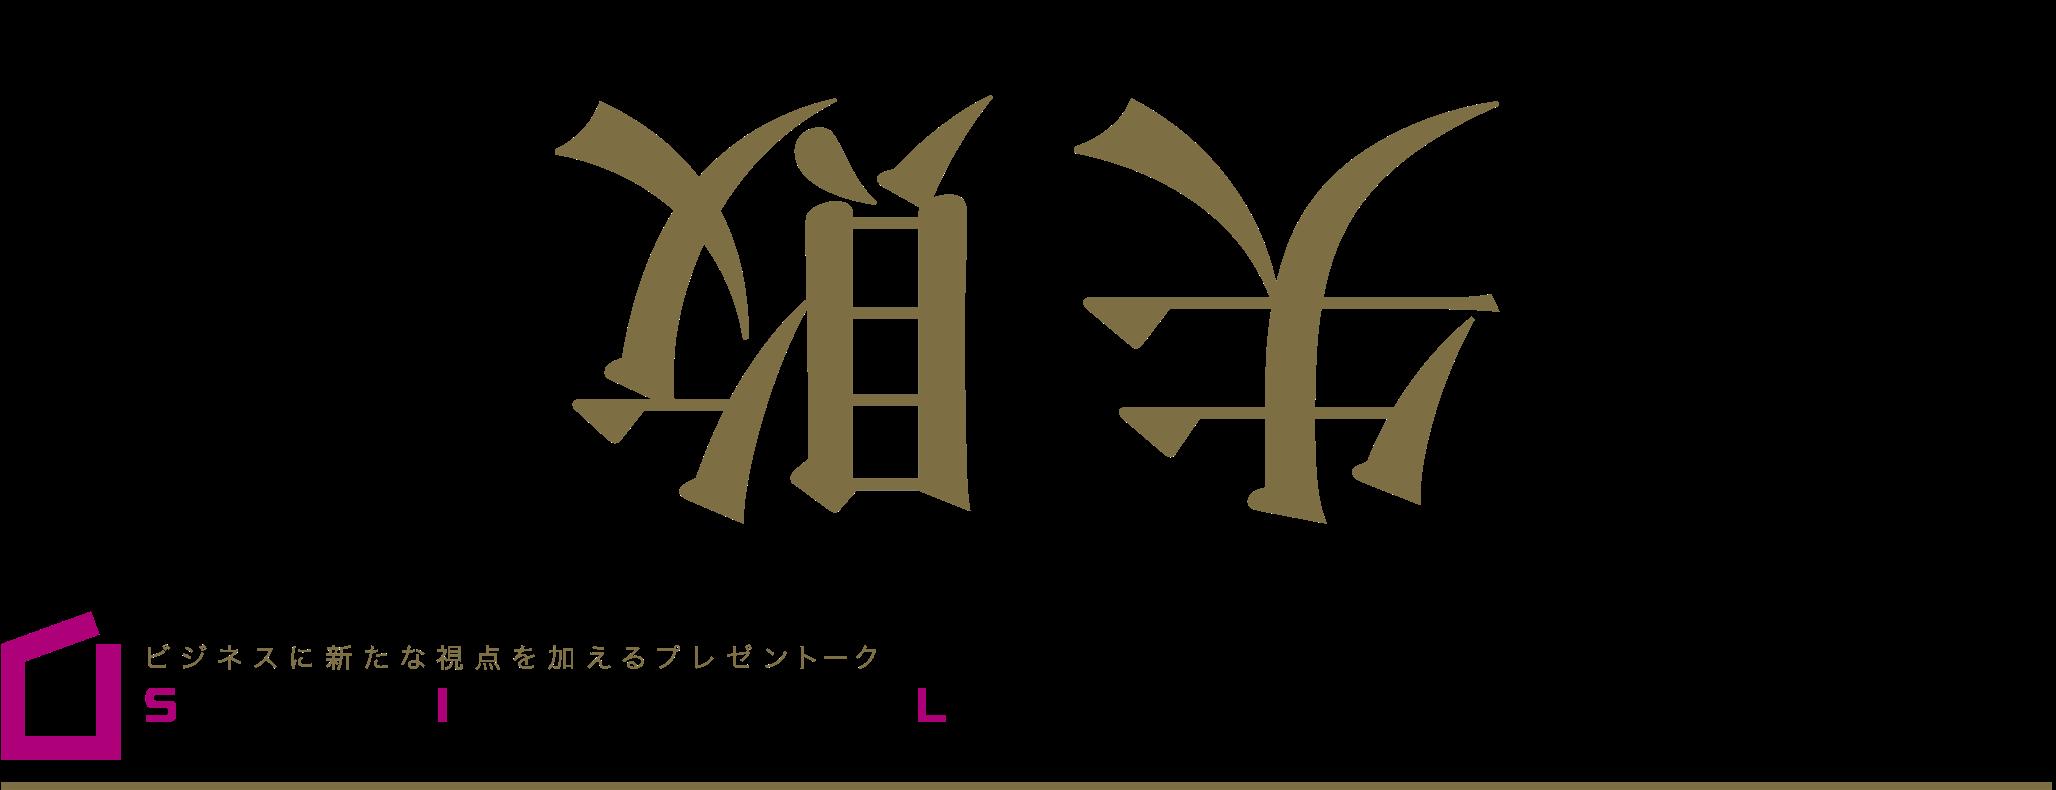 pc_01d